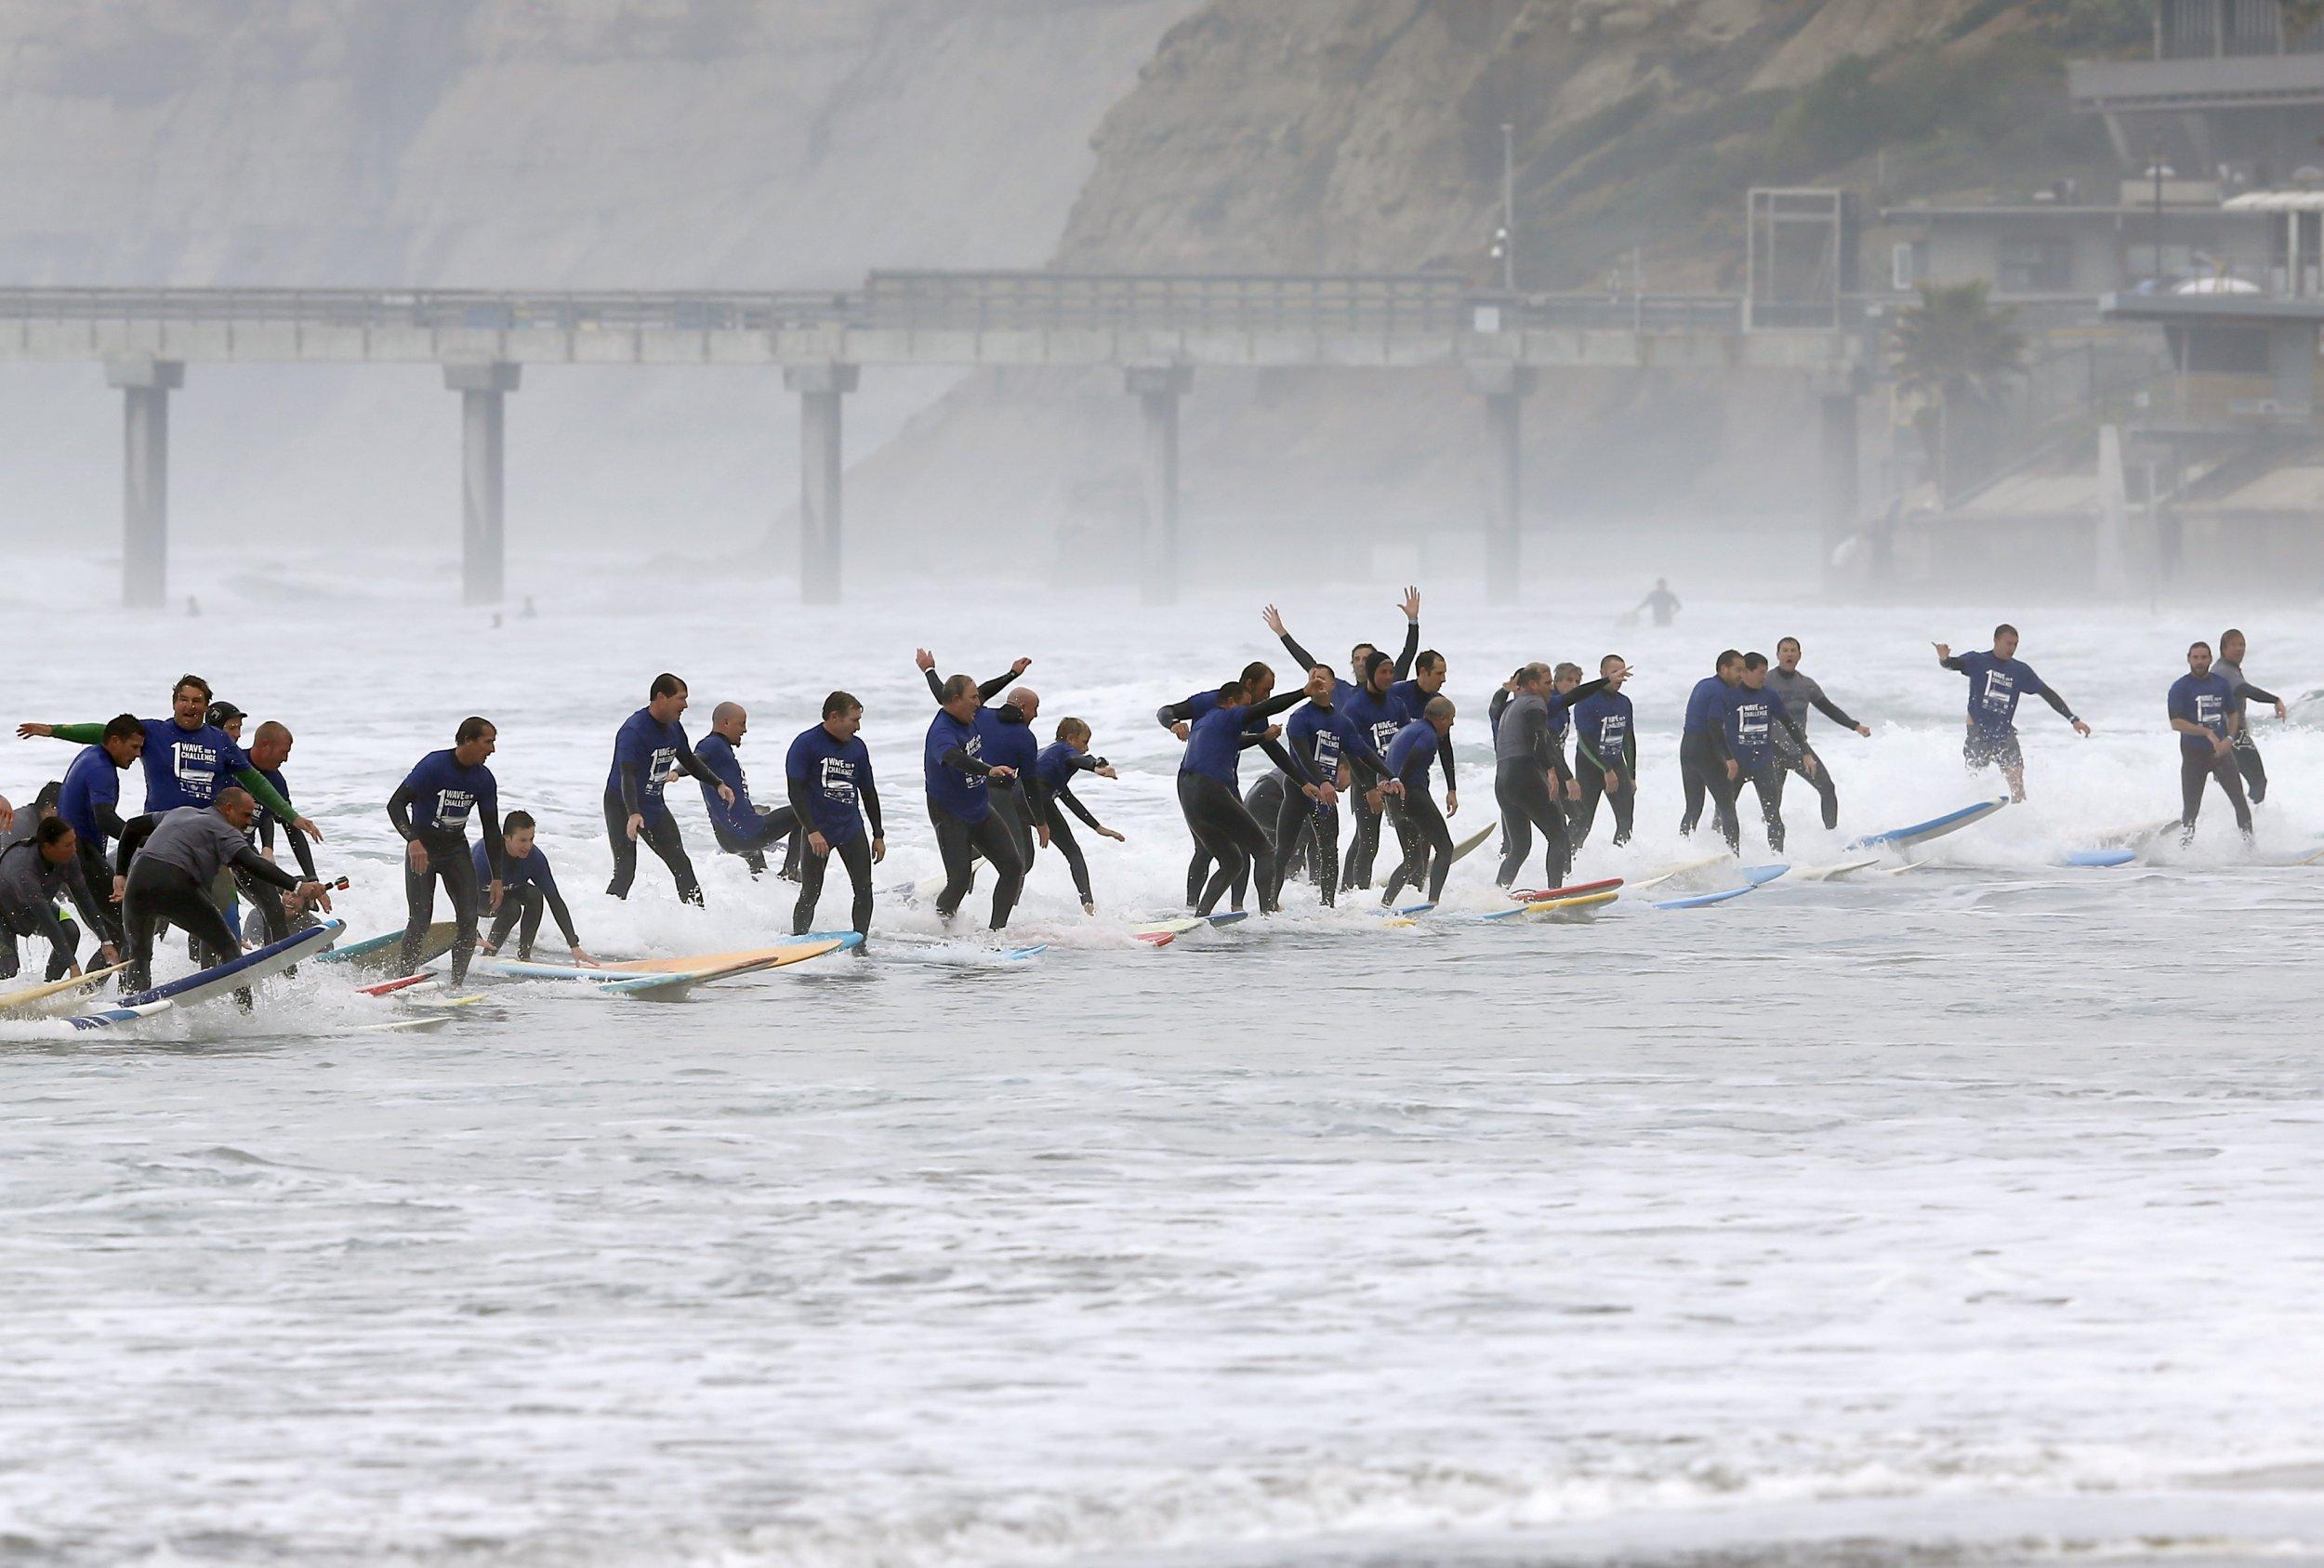 07_21_surfing_01